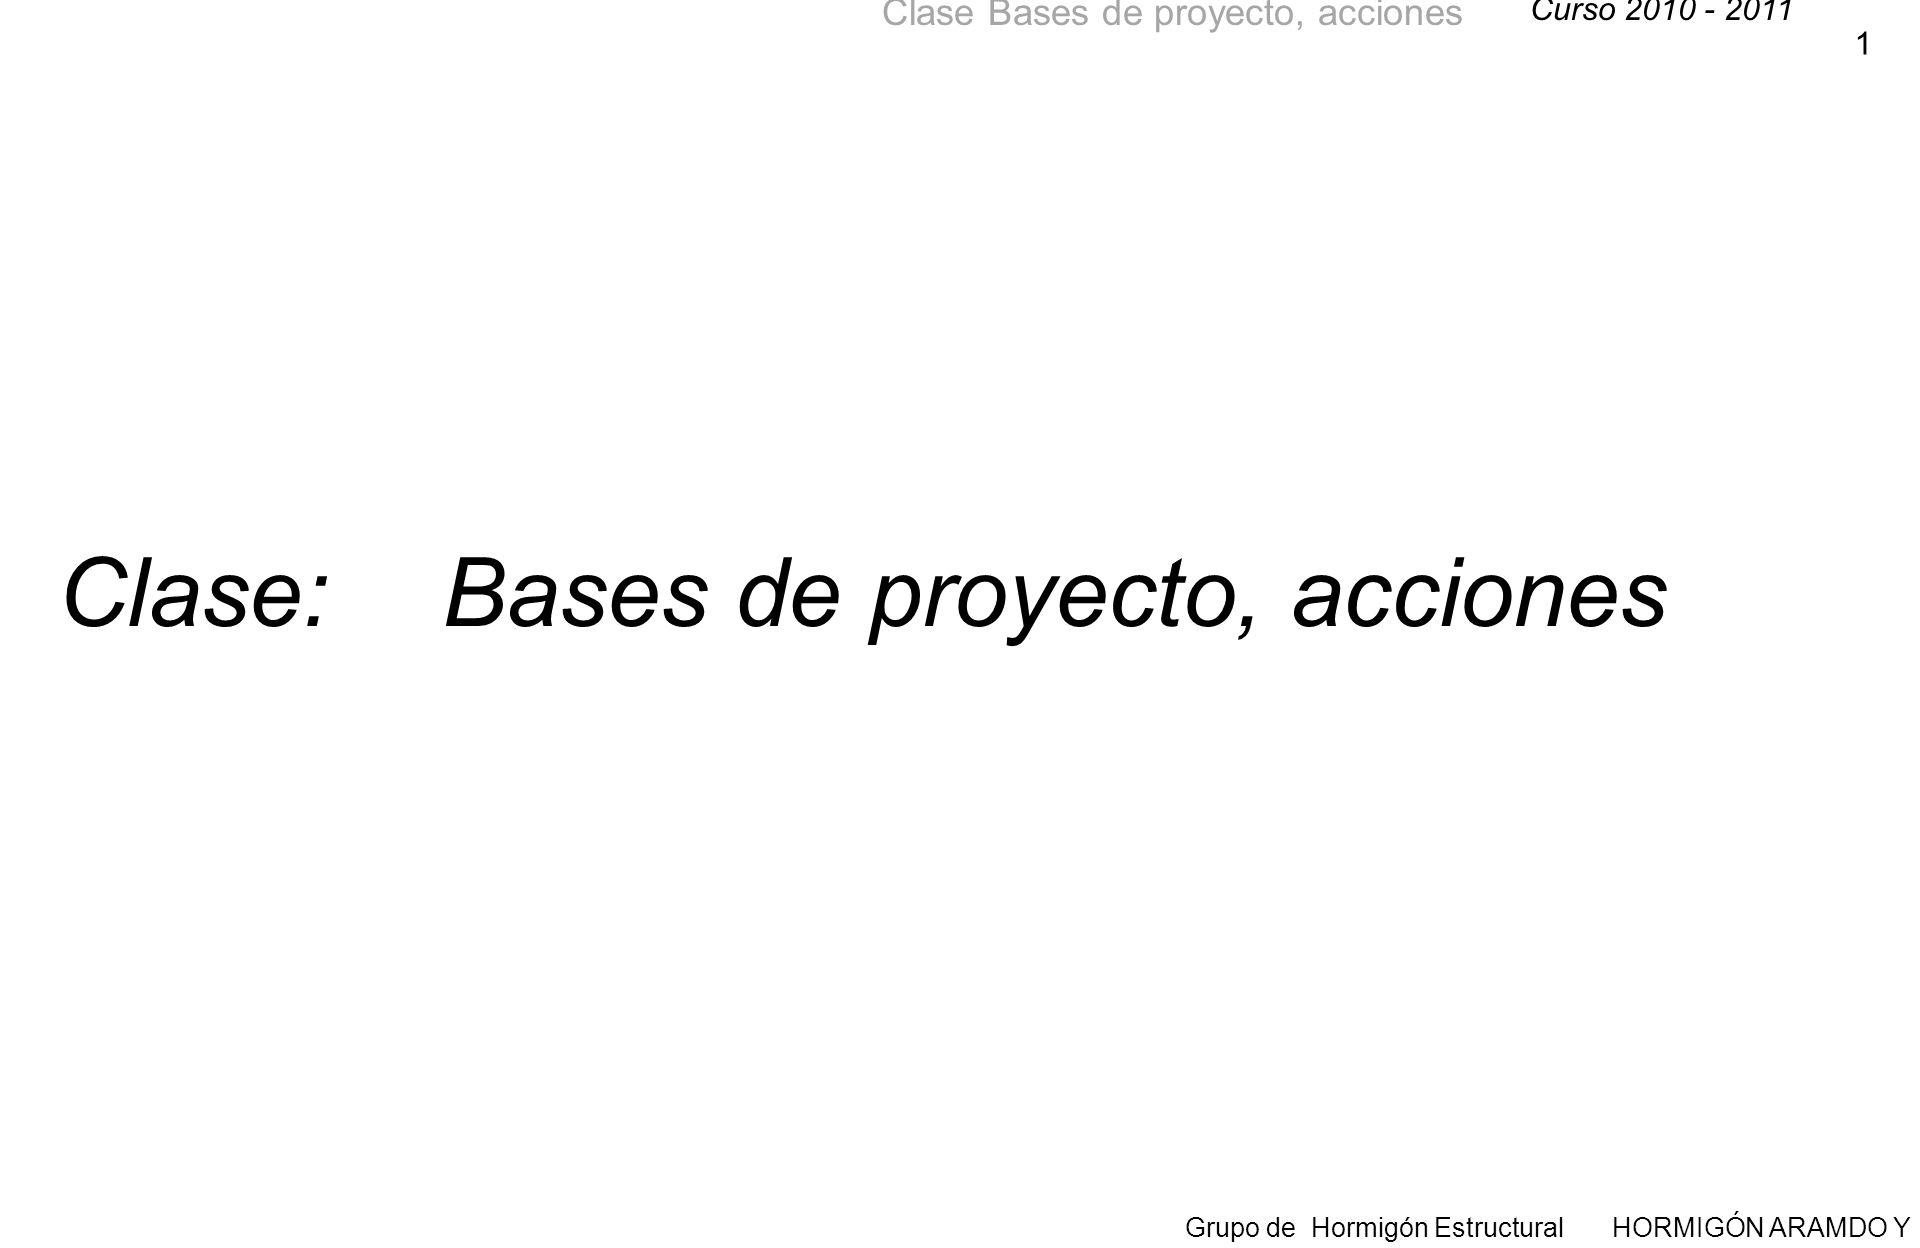 Curso 2010 - 2011 Grupo de Hormigón Estructural HORMIGÓN ARAMDO Y PRETENSADO II Clase Bases de proyecto, acciones 32 2.7.